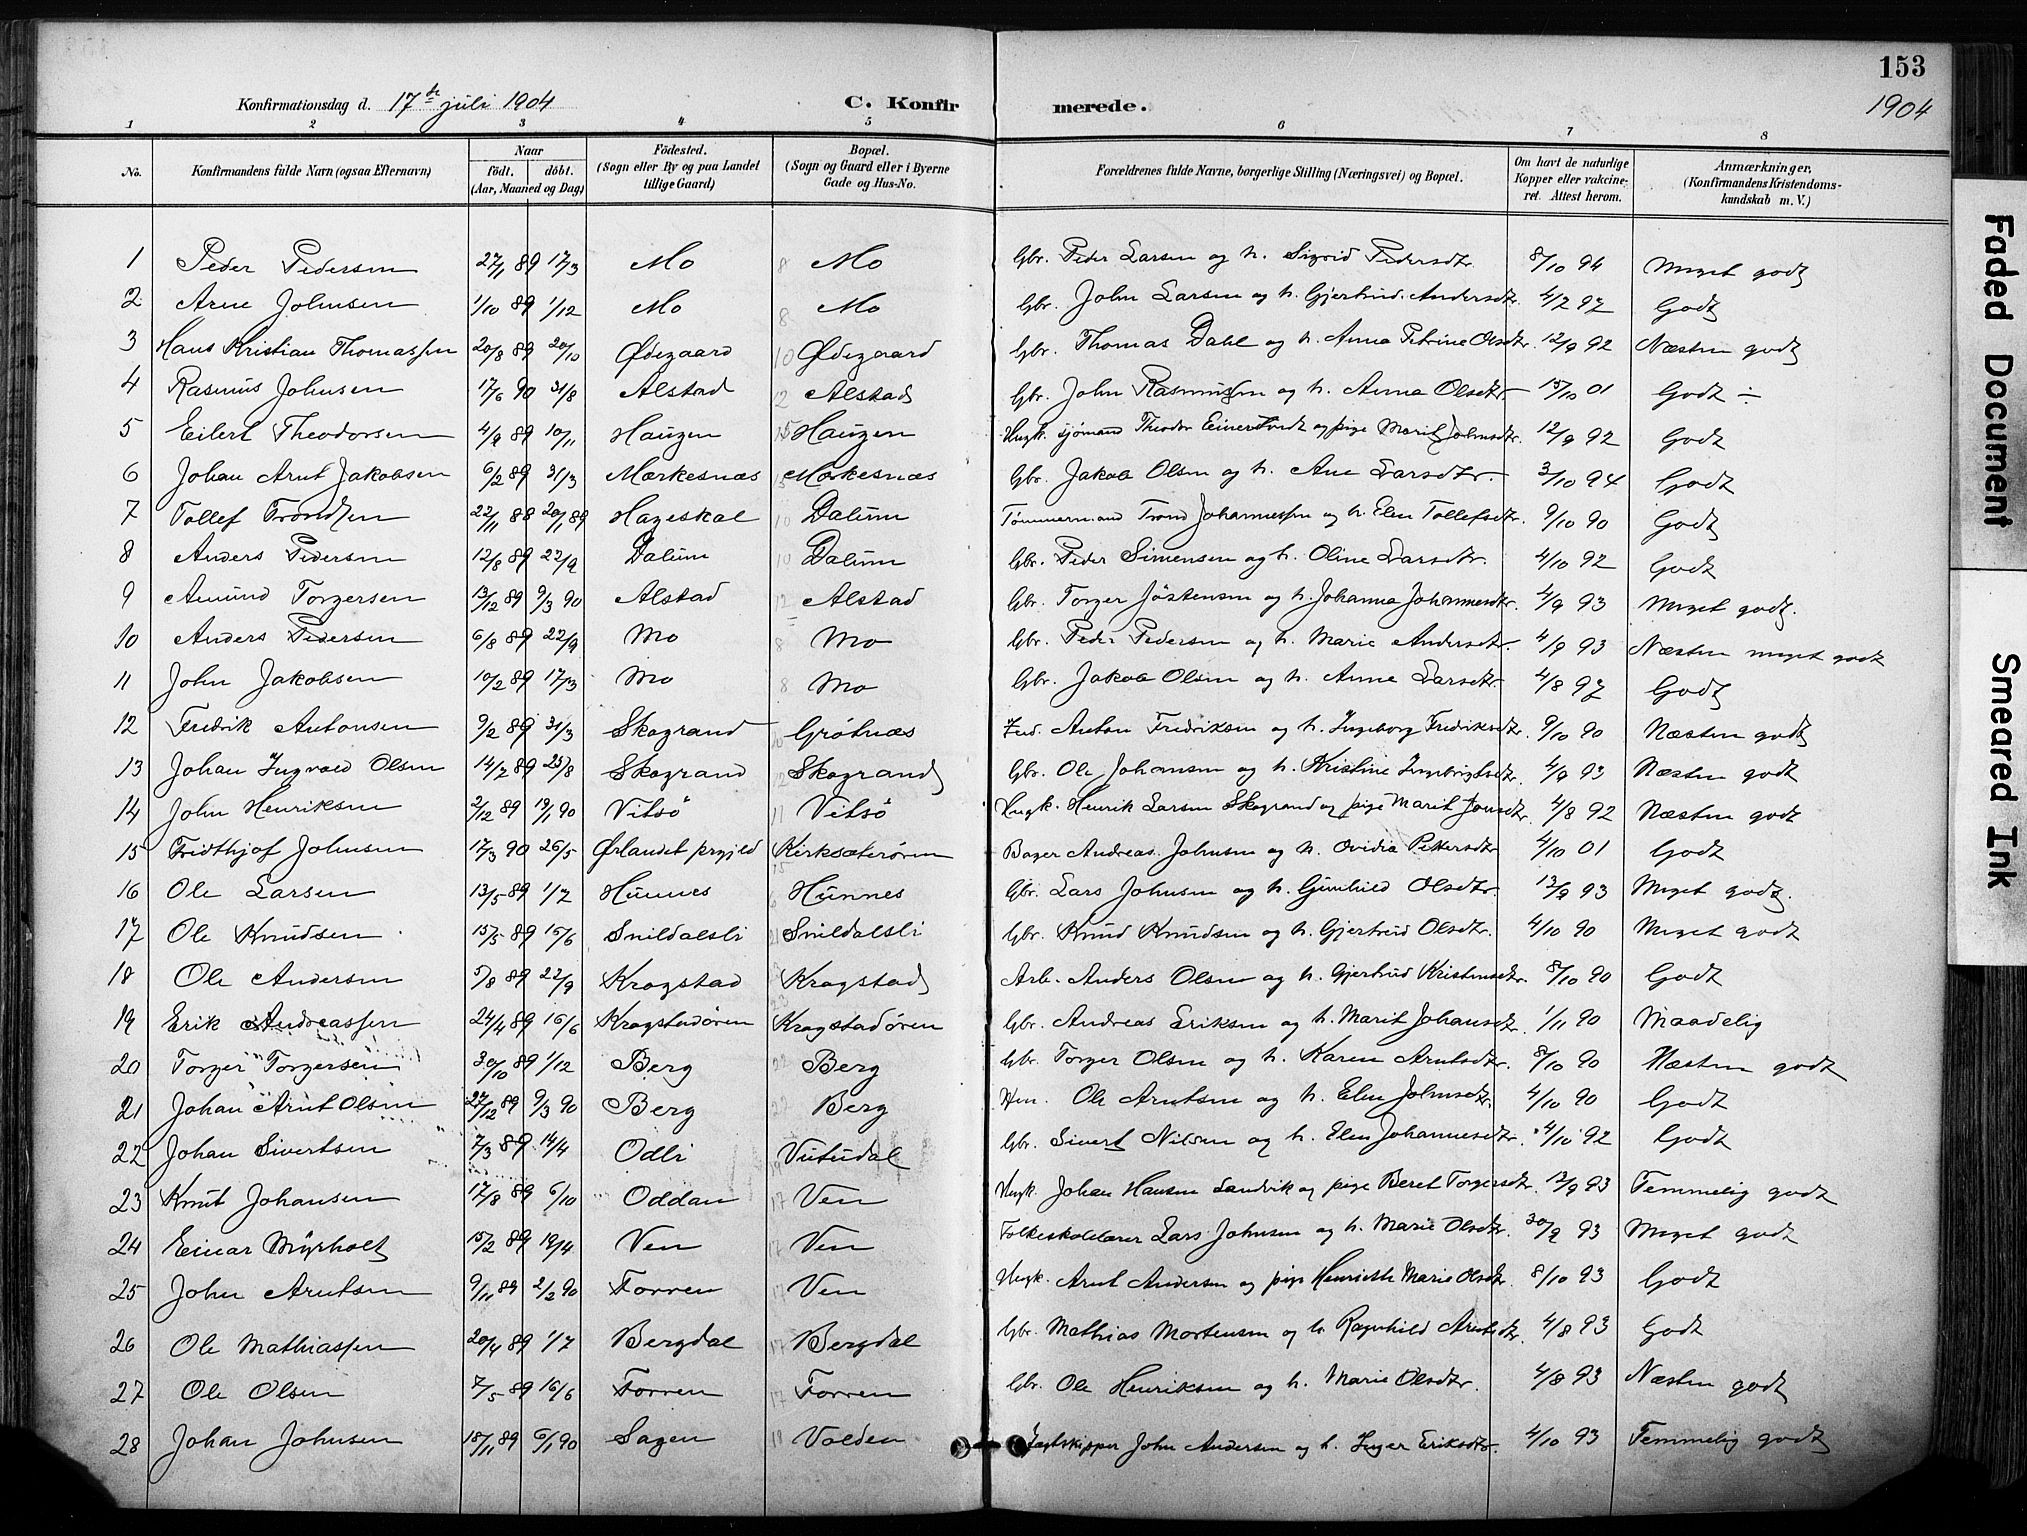 SAT, Ministerialprotokoller, klokkerbøker og fødselsregistre - Sør-Trøndelag, 630/L0497: Ministerialbok nr. 630A10, 1896-1910, s. 153